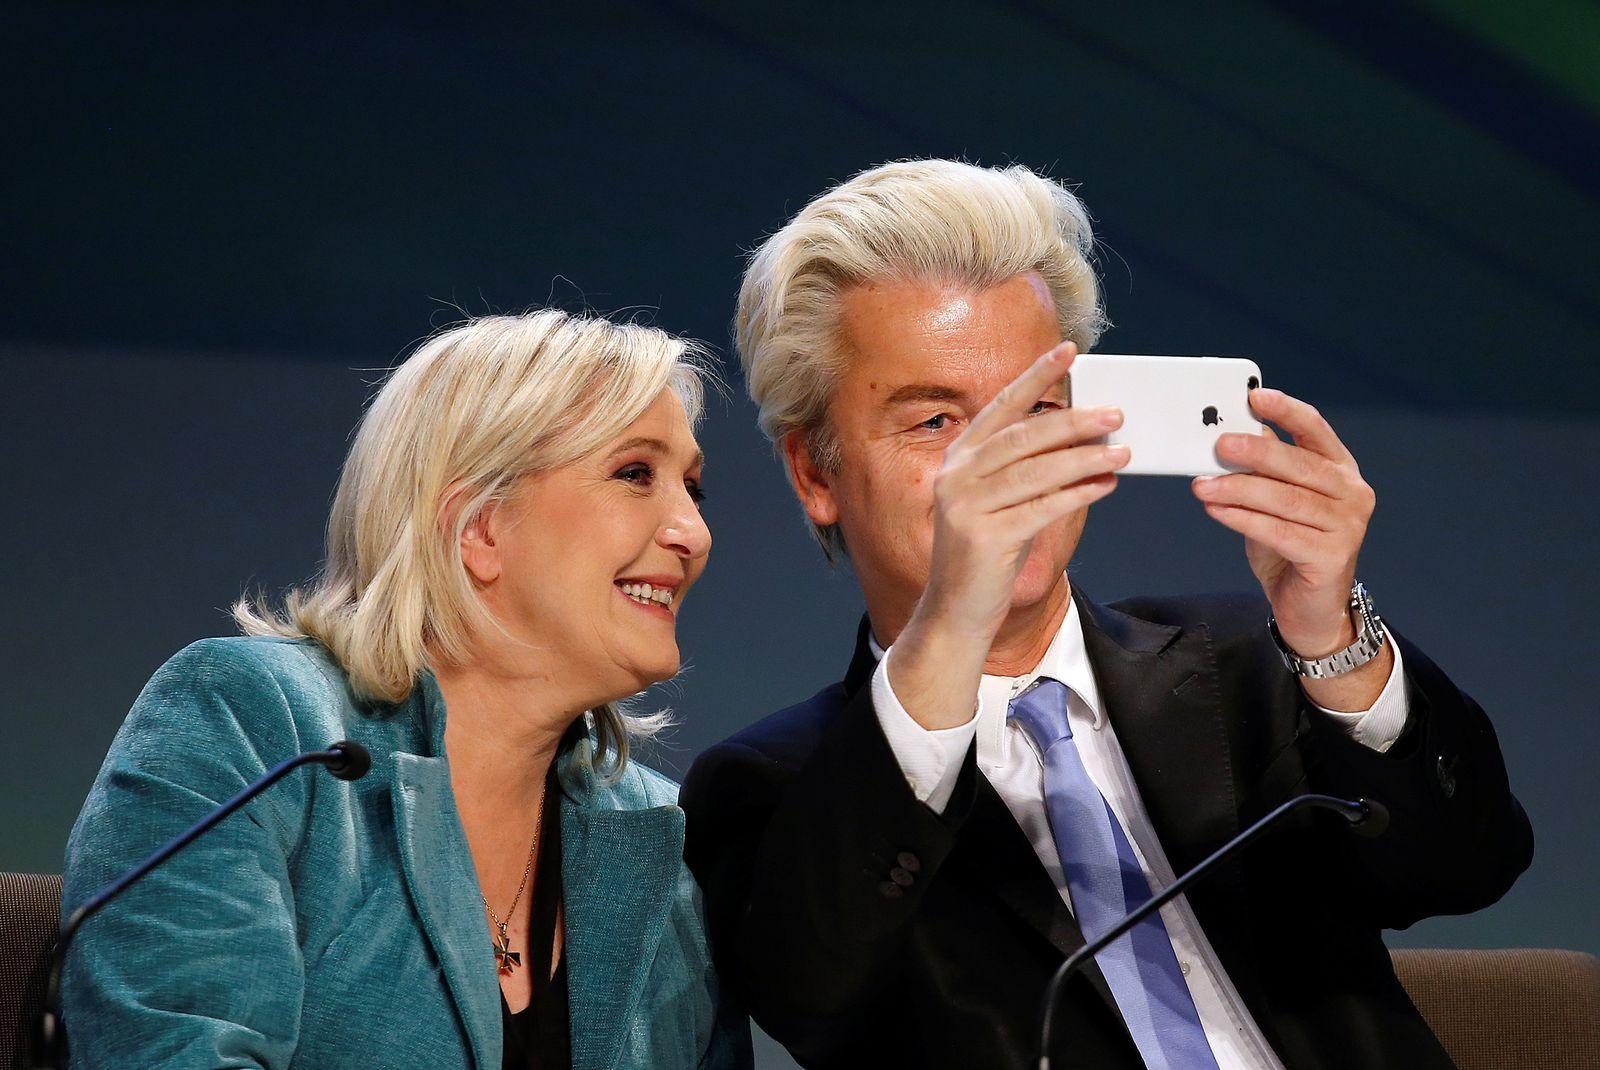 Le Pen Wilders